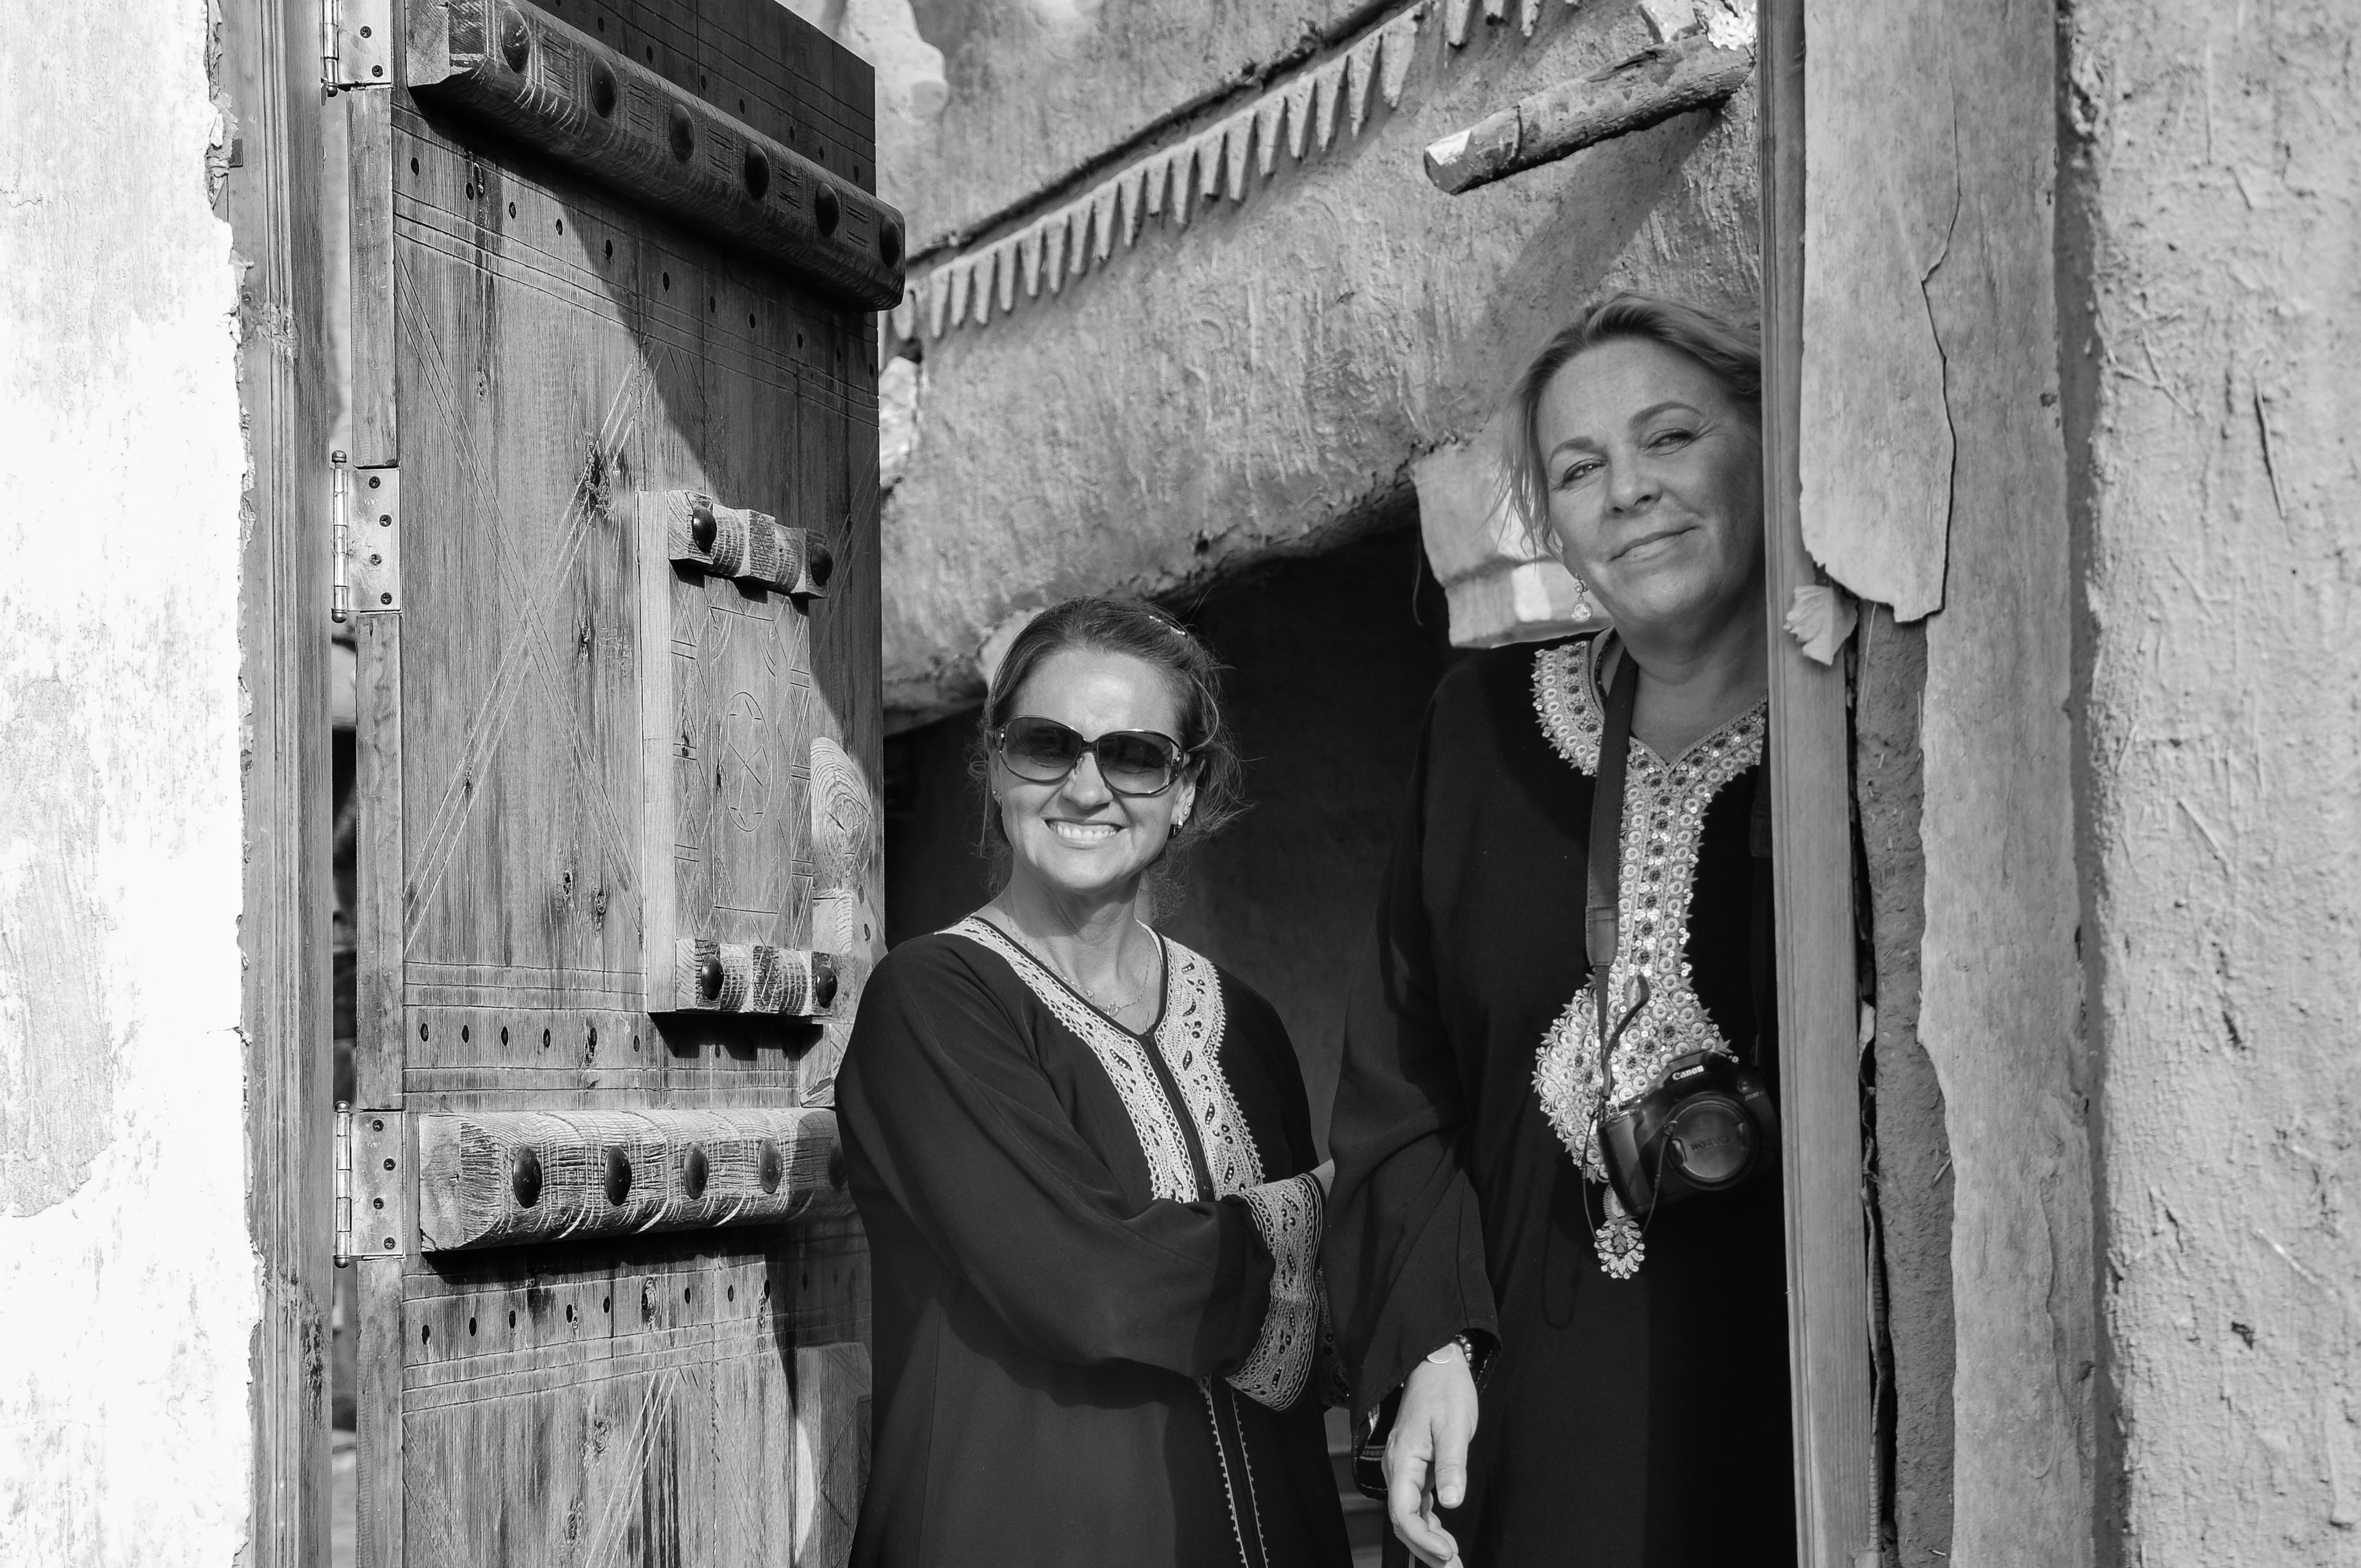 Western Woman in Riyadh? Make The Best Of It! | Blue Abaya